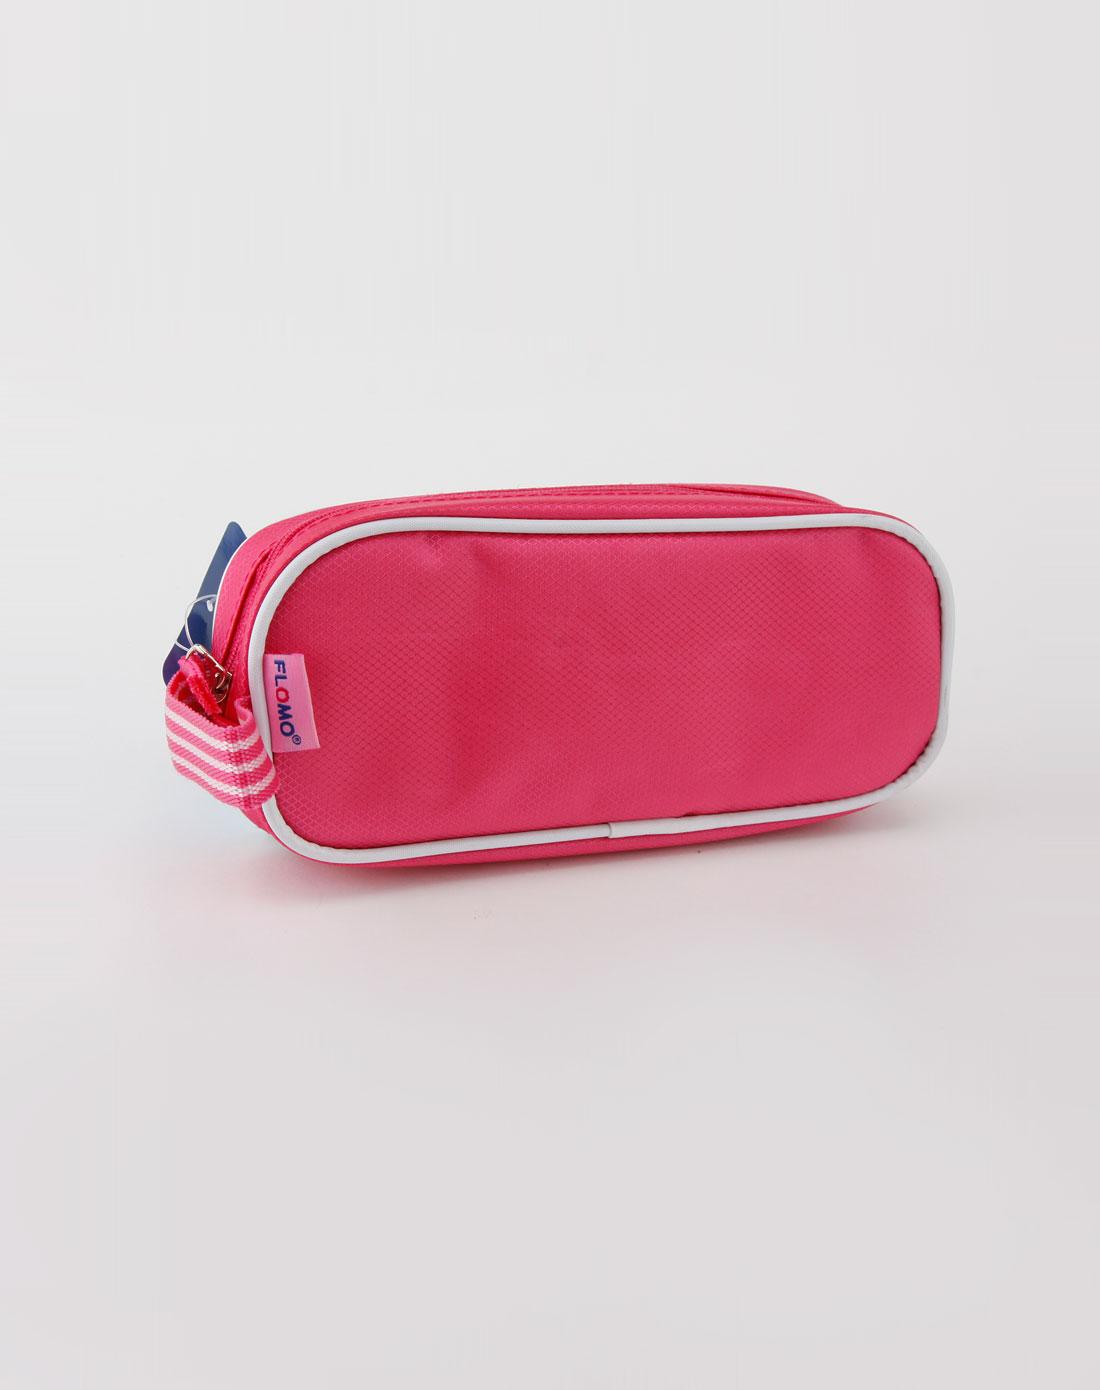 米奇玫红色笔袋